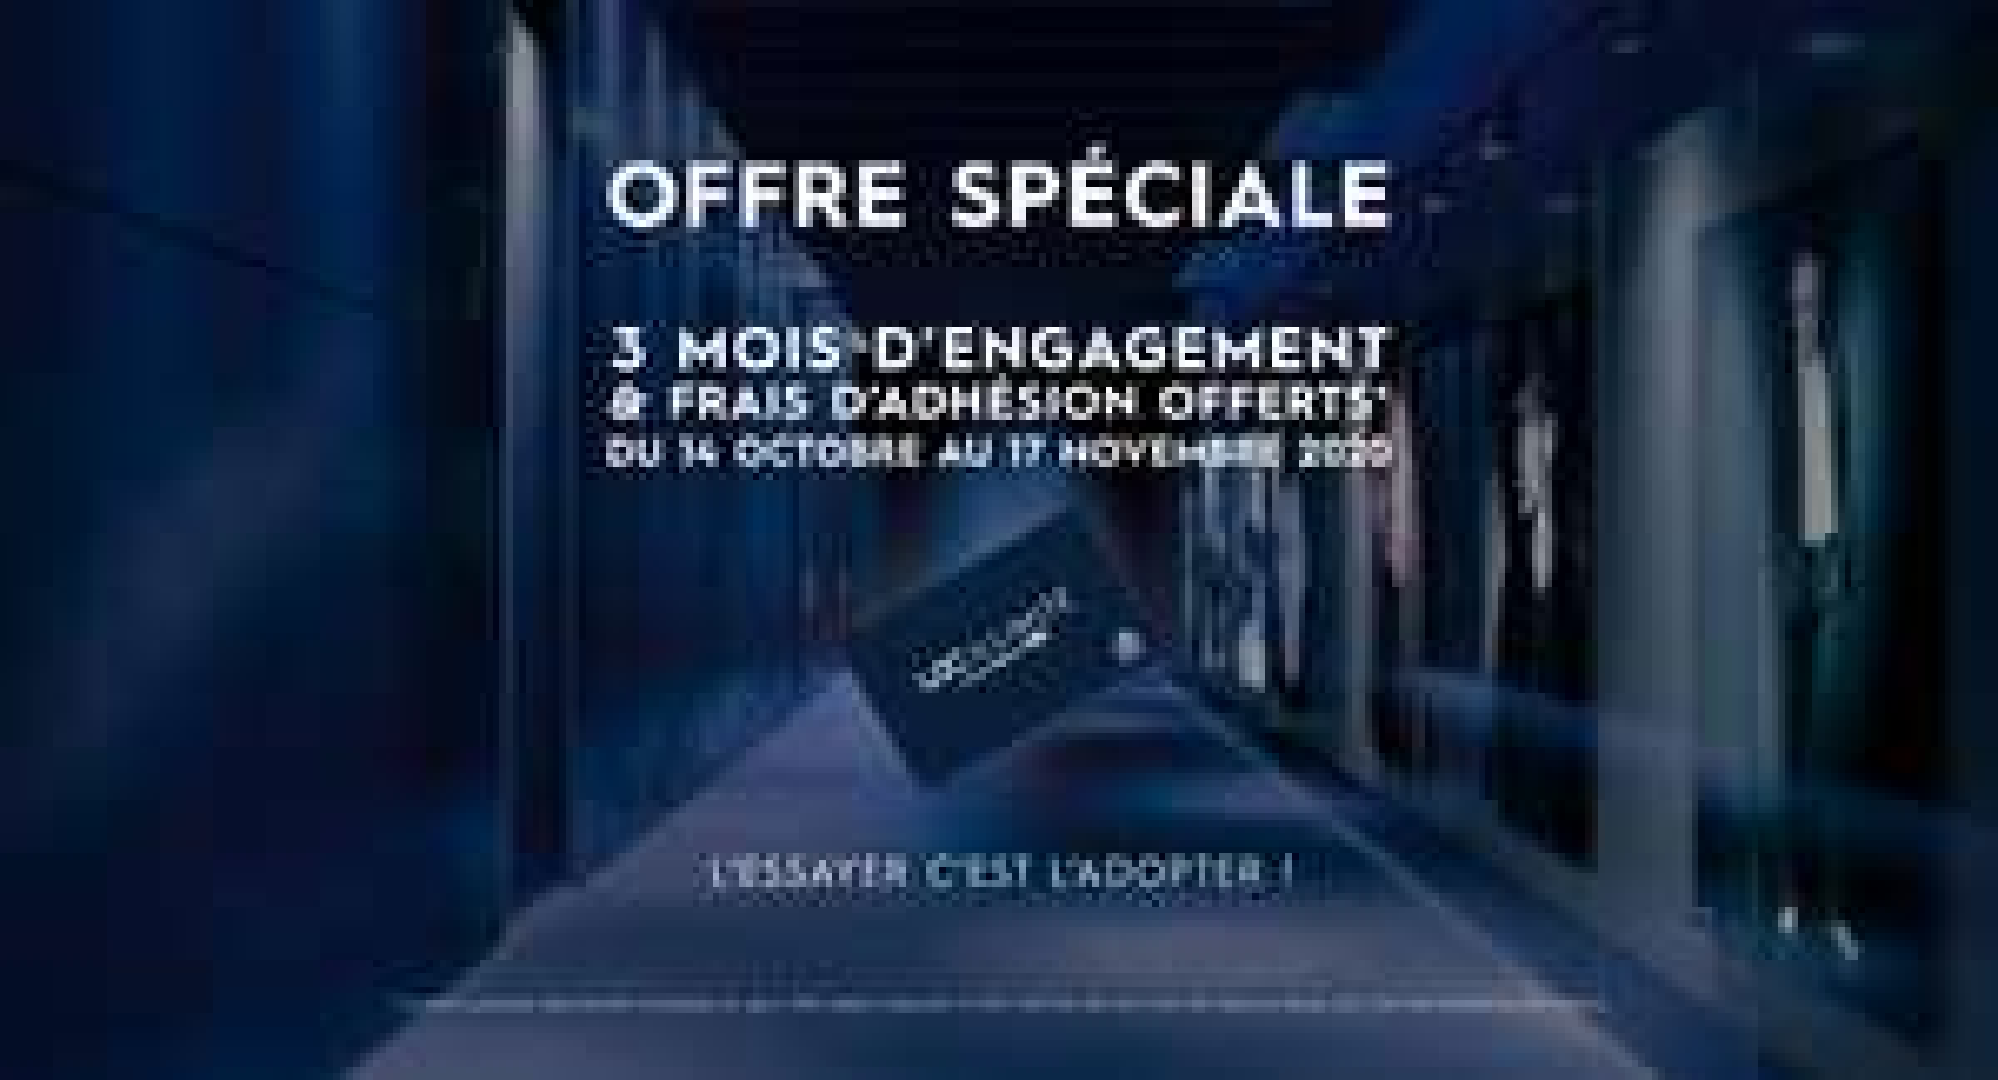 [Nouveaux Abonnés] Frais d'adhésion offerts (30€) sur tout nouvel abonnement UGC Illimité (Bordeaux / Talence / Lille / Villeveuve d'Ascq)